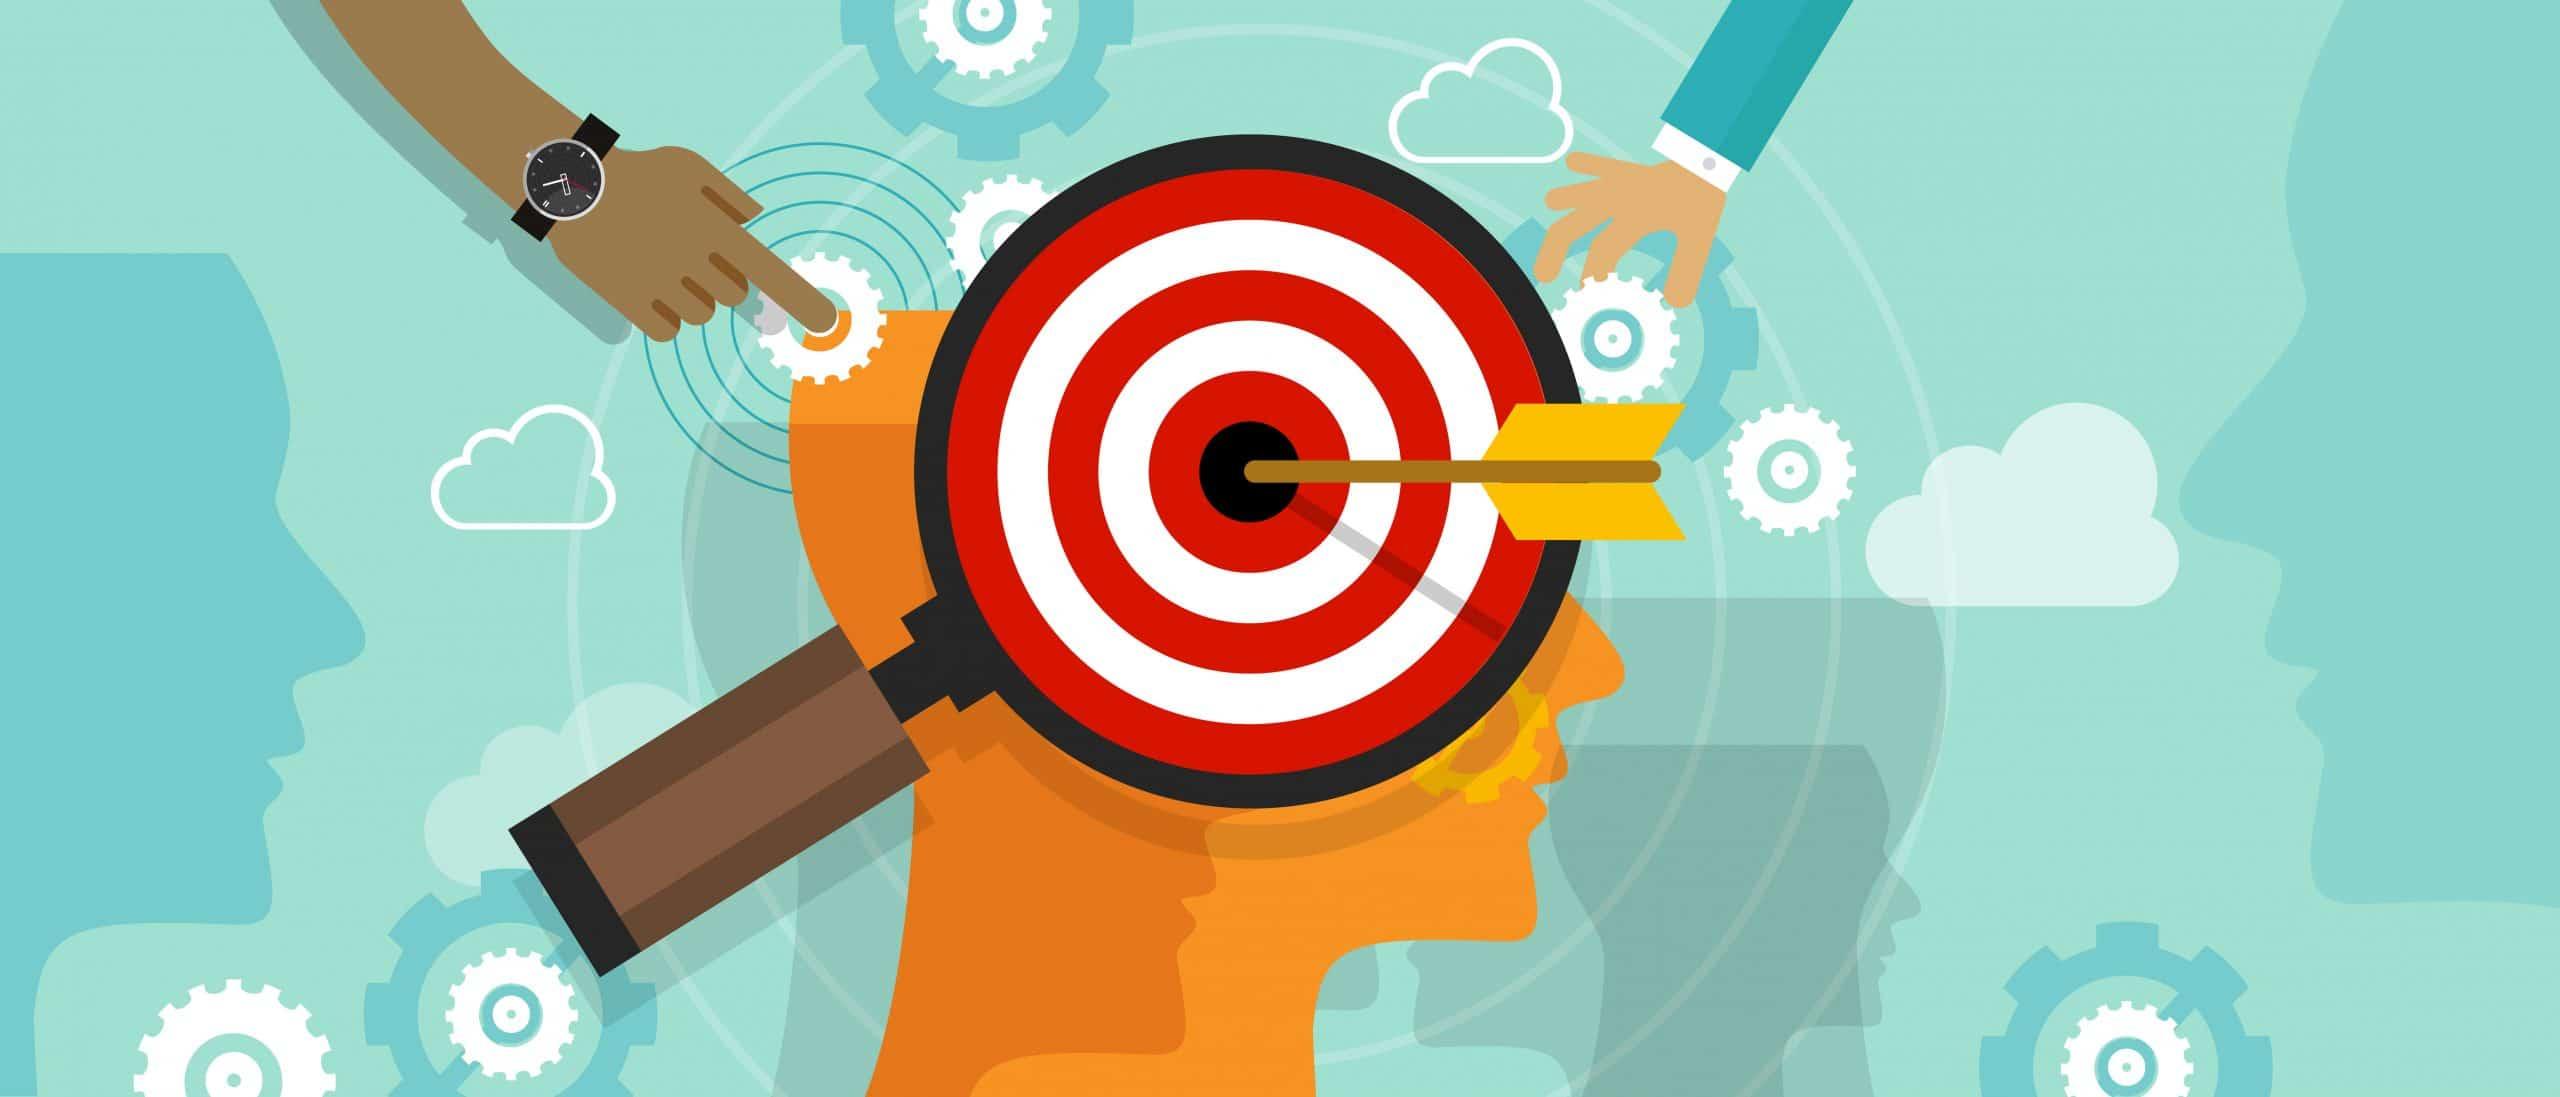 Trouver le positionnement stratégique de l'entreprise pour cibler ses clients